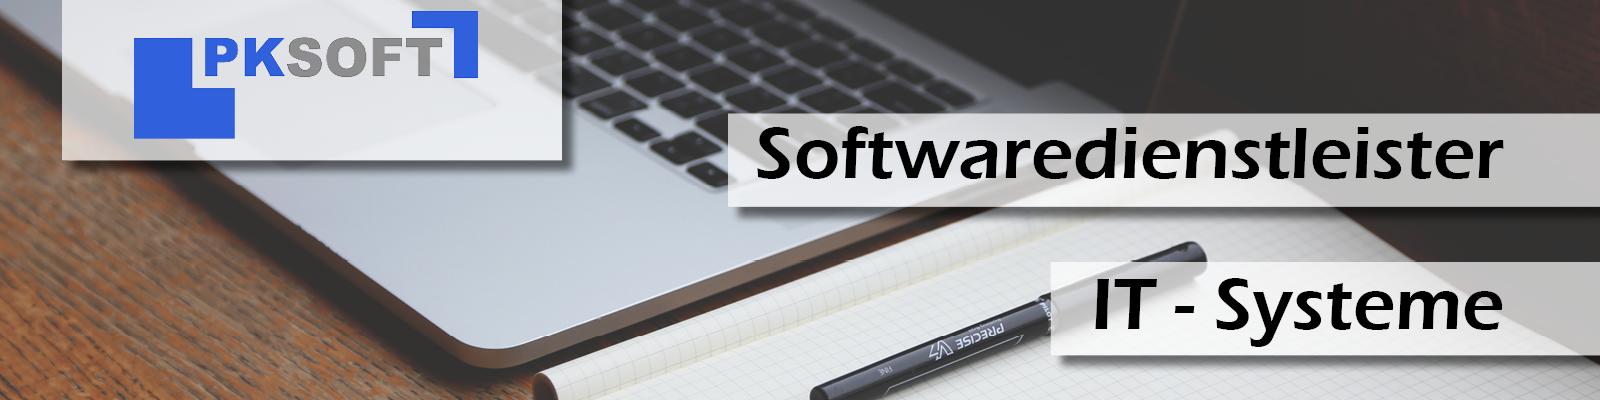 PK-Soft Softwaredienstleister & IT Systeme